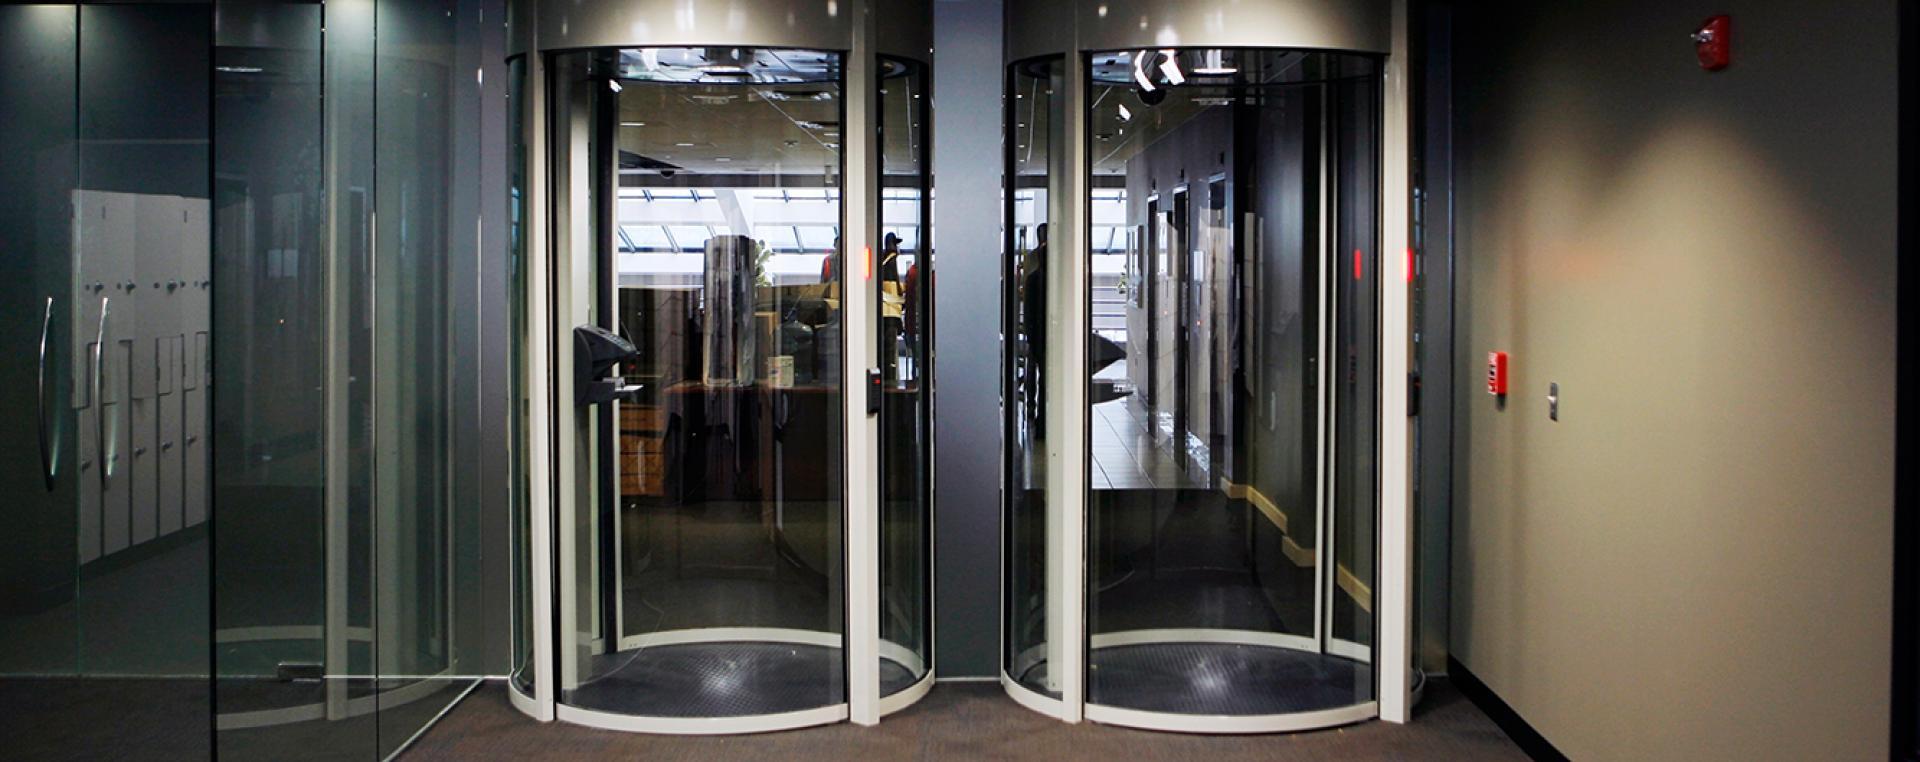 Что такое «ловушка для человека» в дата-центре и зачем она нужна - 2